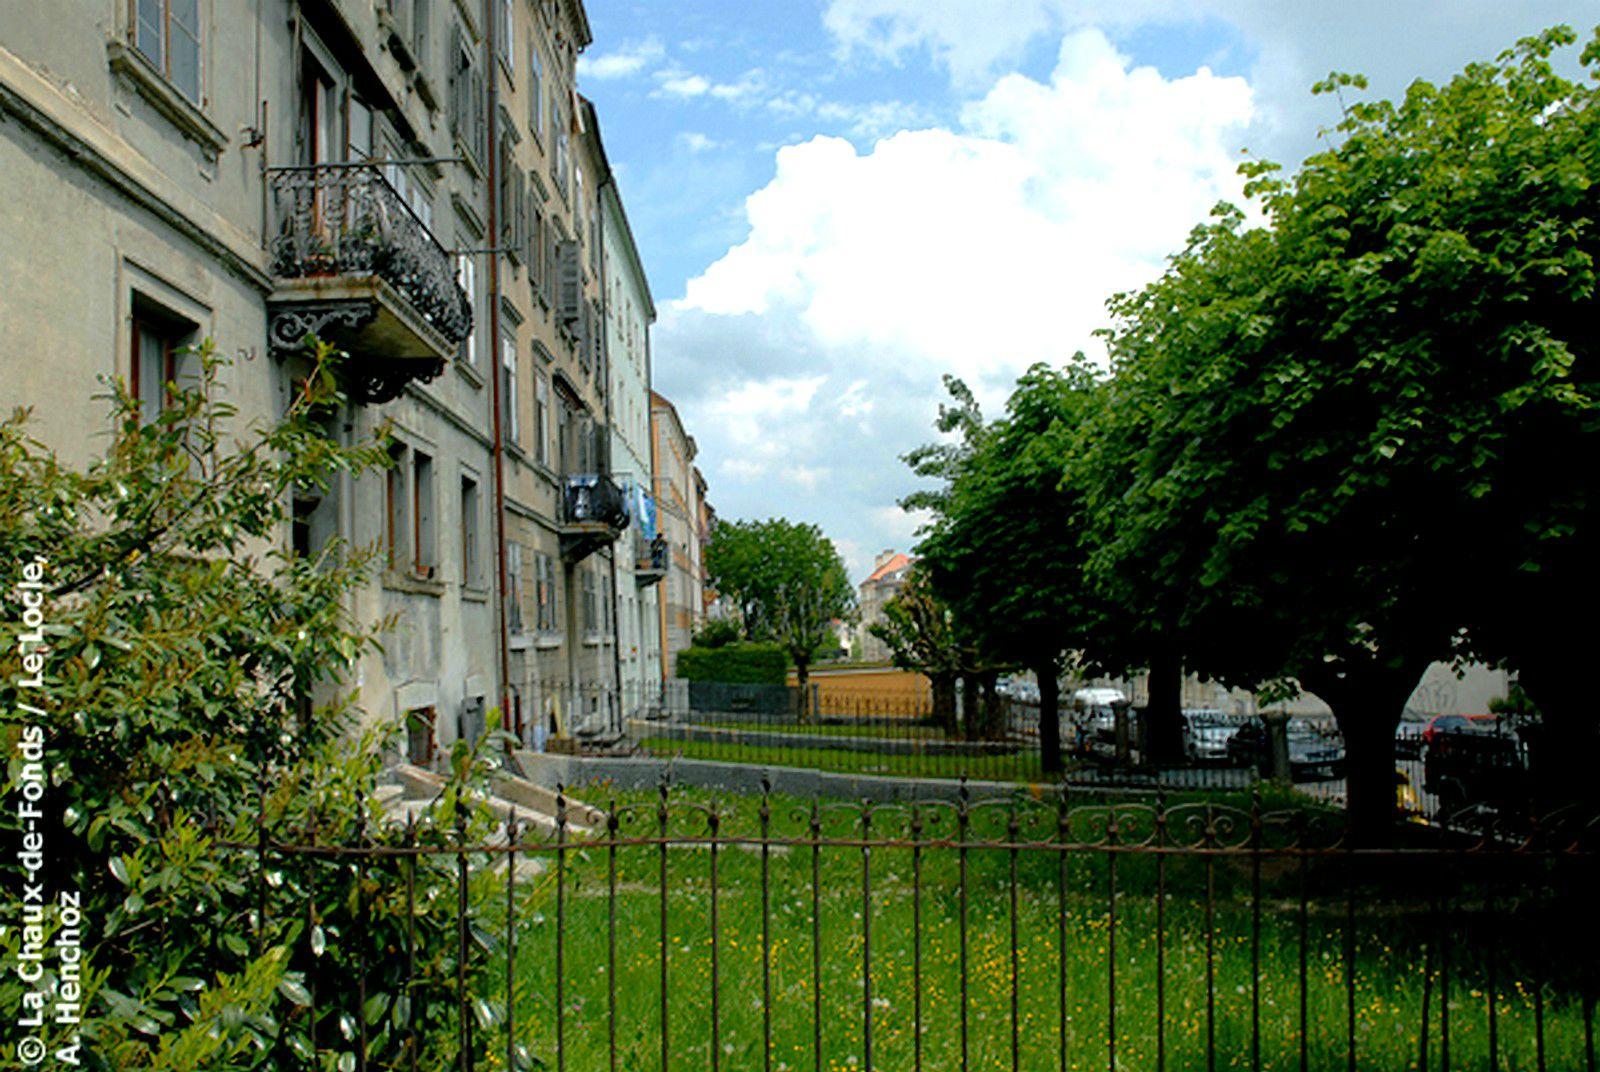 067 maisons et jardins privés du plan Junod